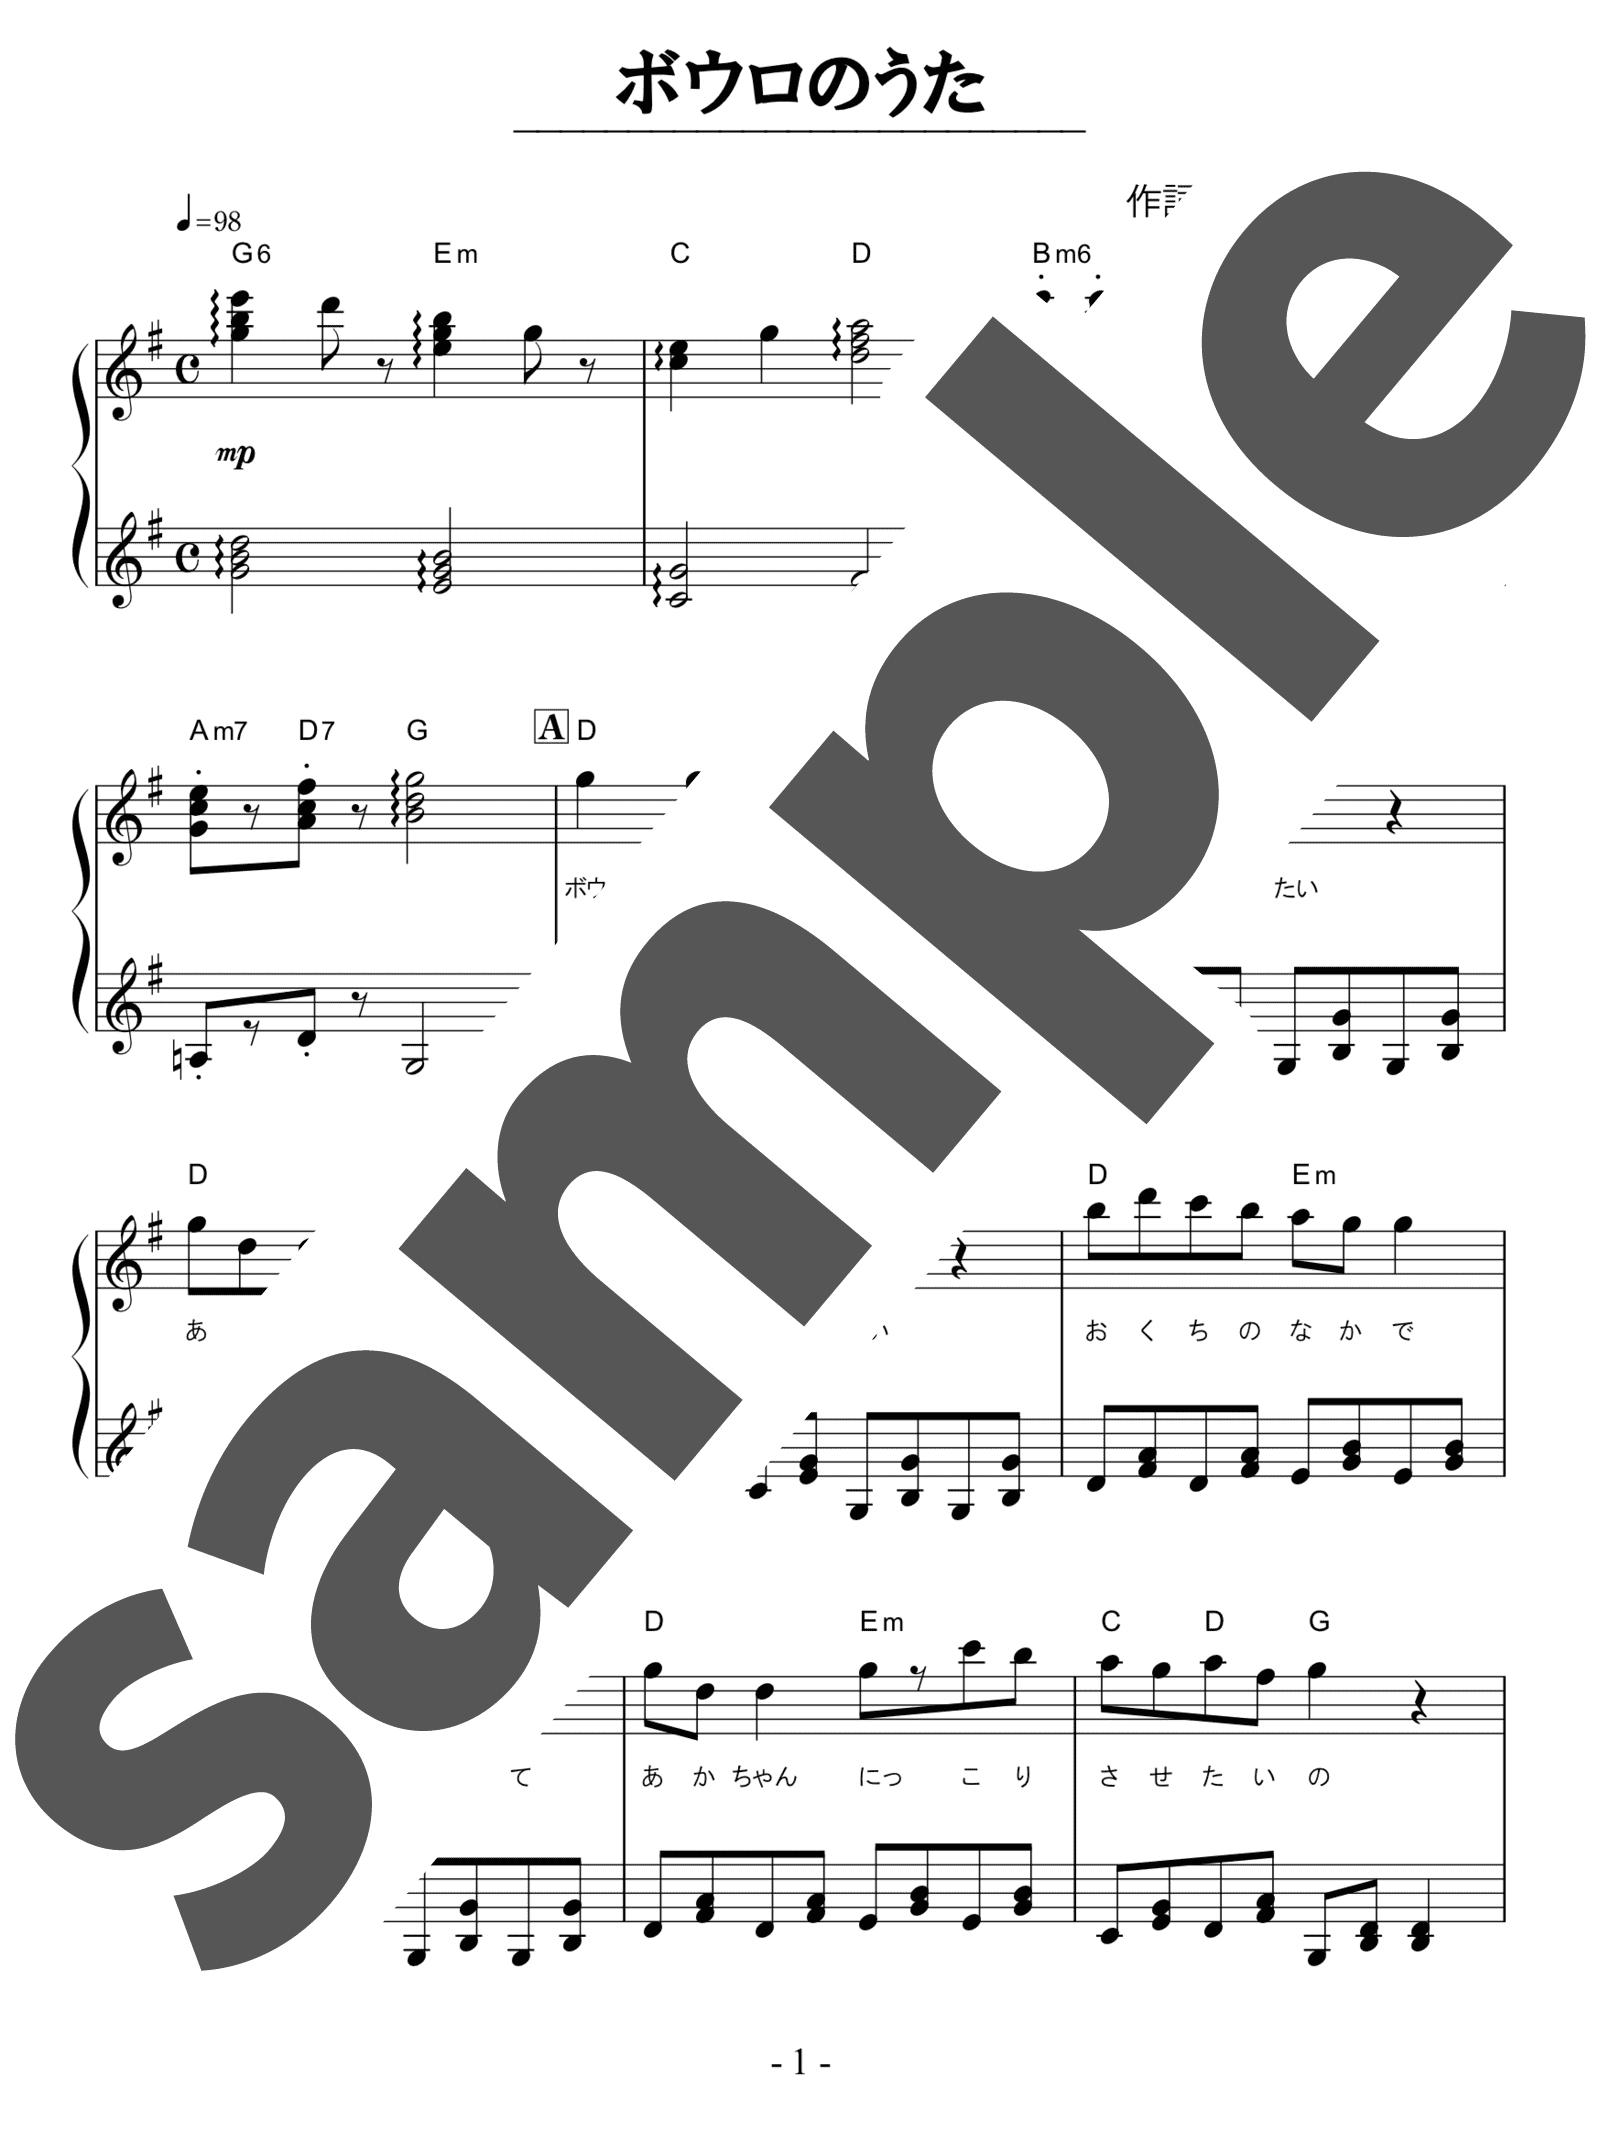 「ボウロのうた」のサンプル楽譜